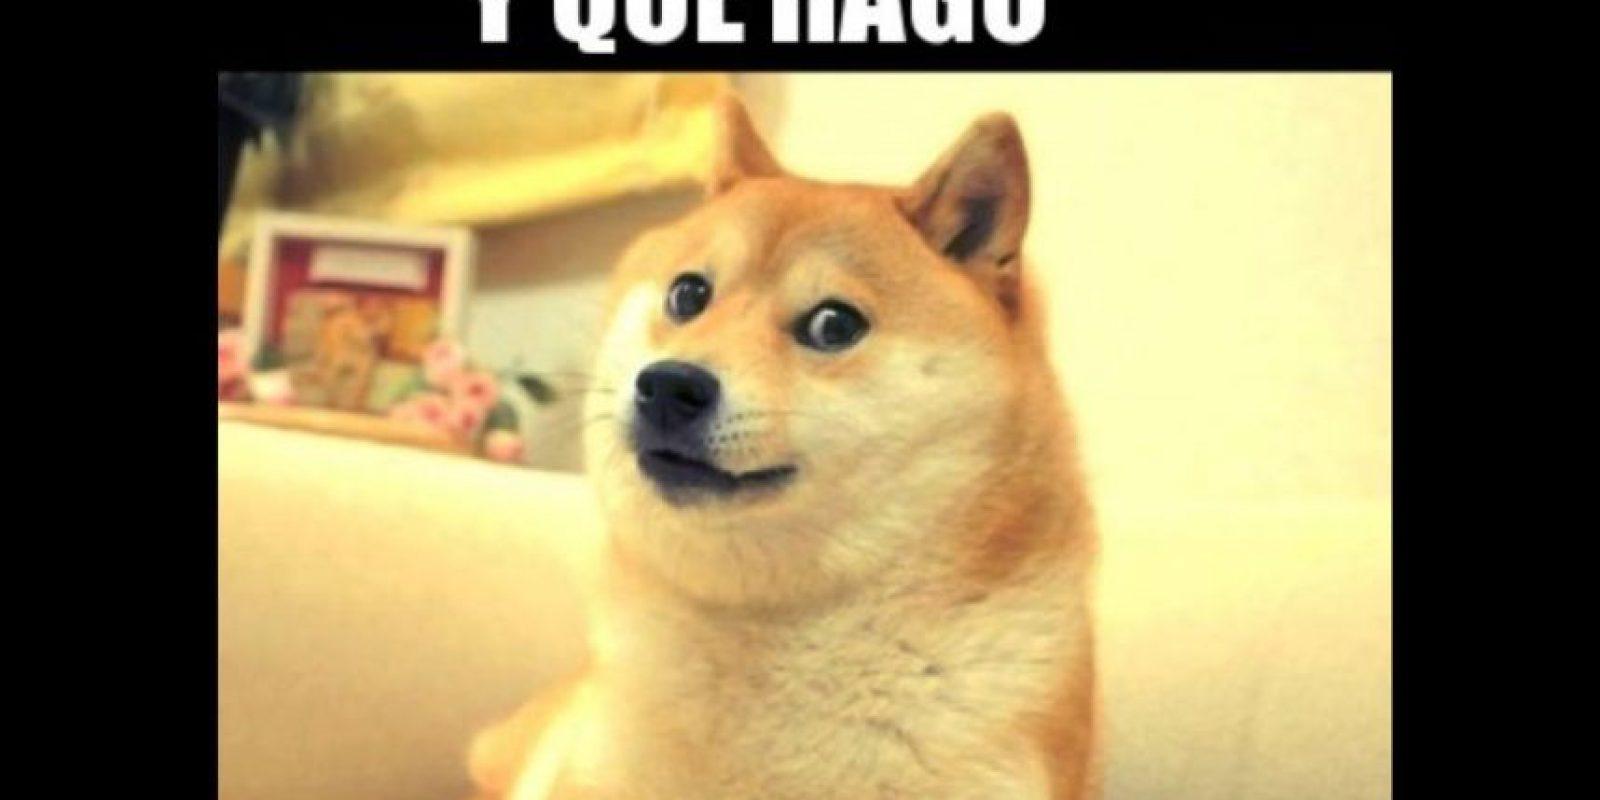 Es un perro Akita con profunda expresión de tristeza. Foto:vía Twitter